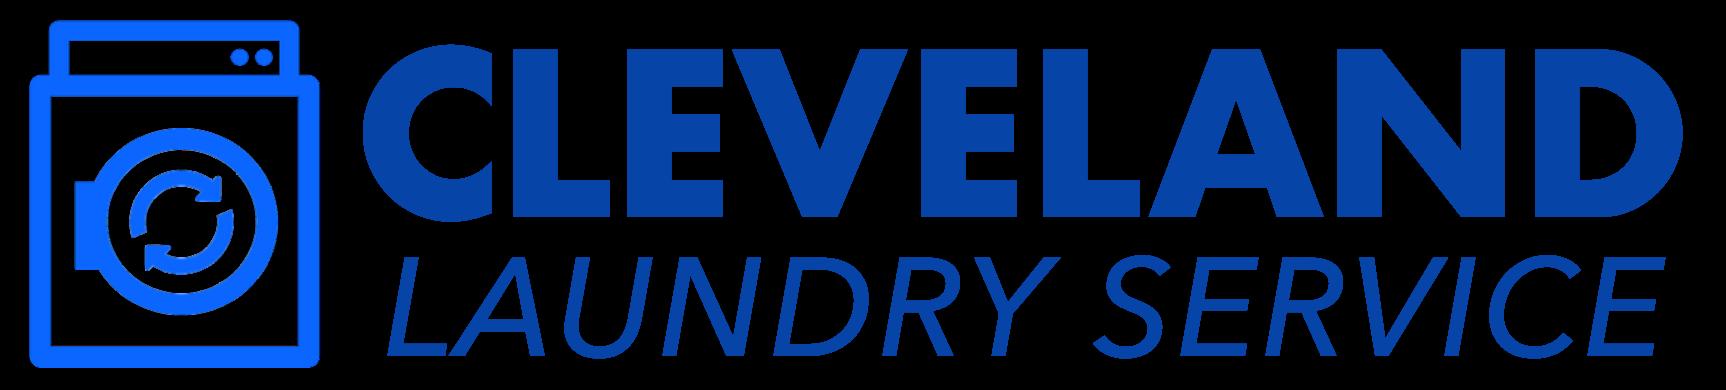 Cleveland Laundry Service Logo